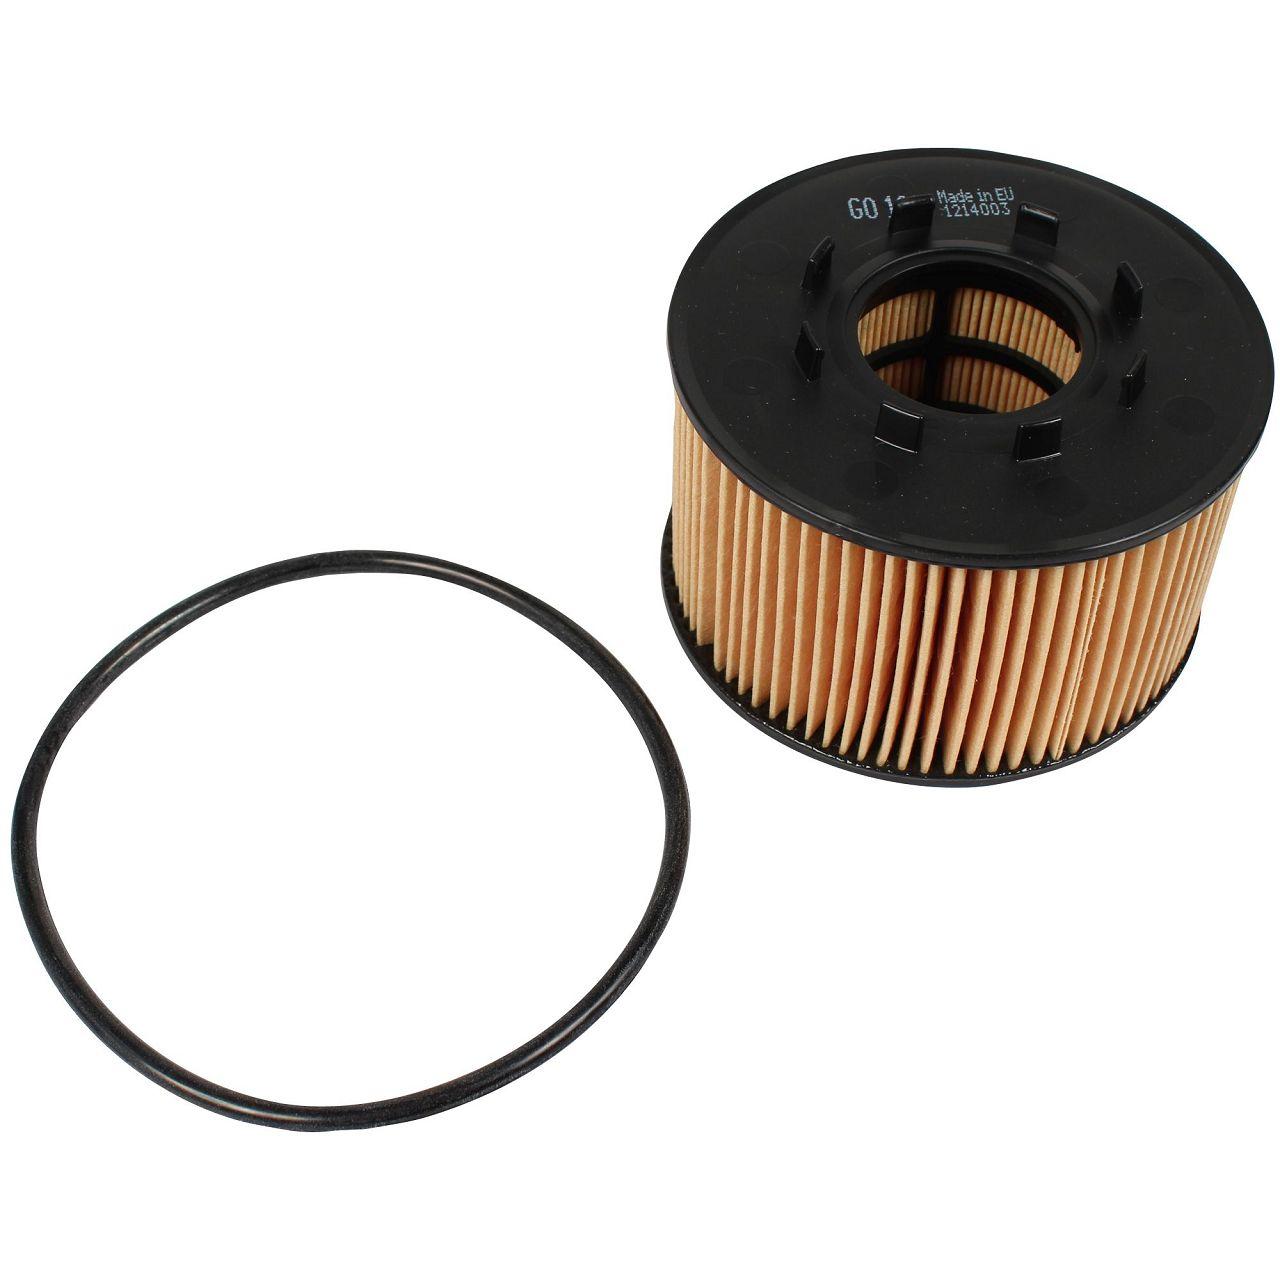 Filterpaket Filterset für Ford Mondeo III 2.0DI / TDDi / TDCi 2.2TDCi